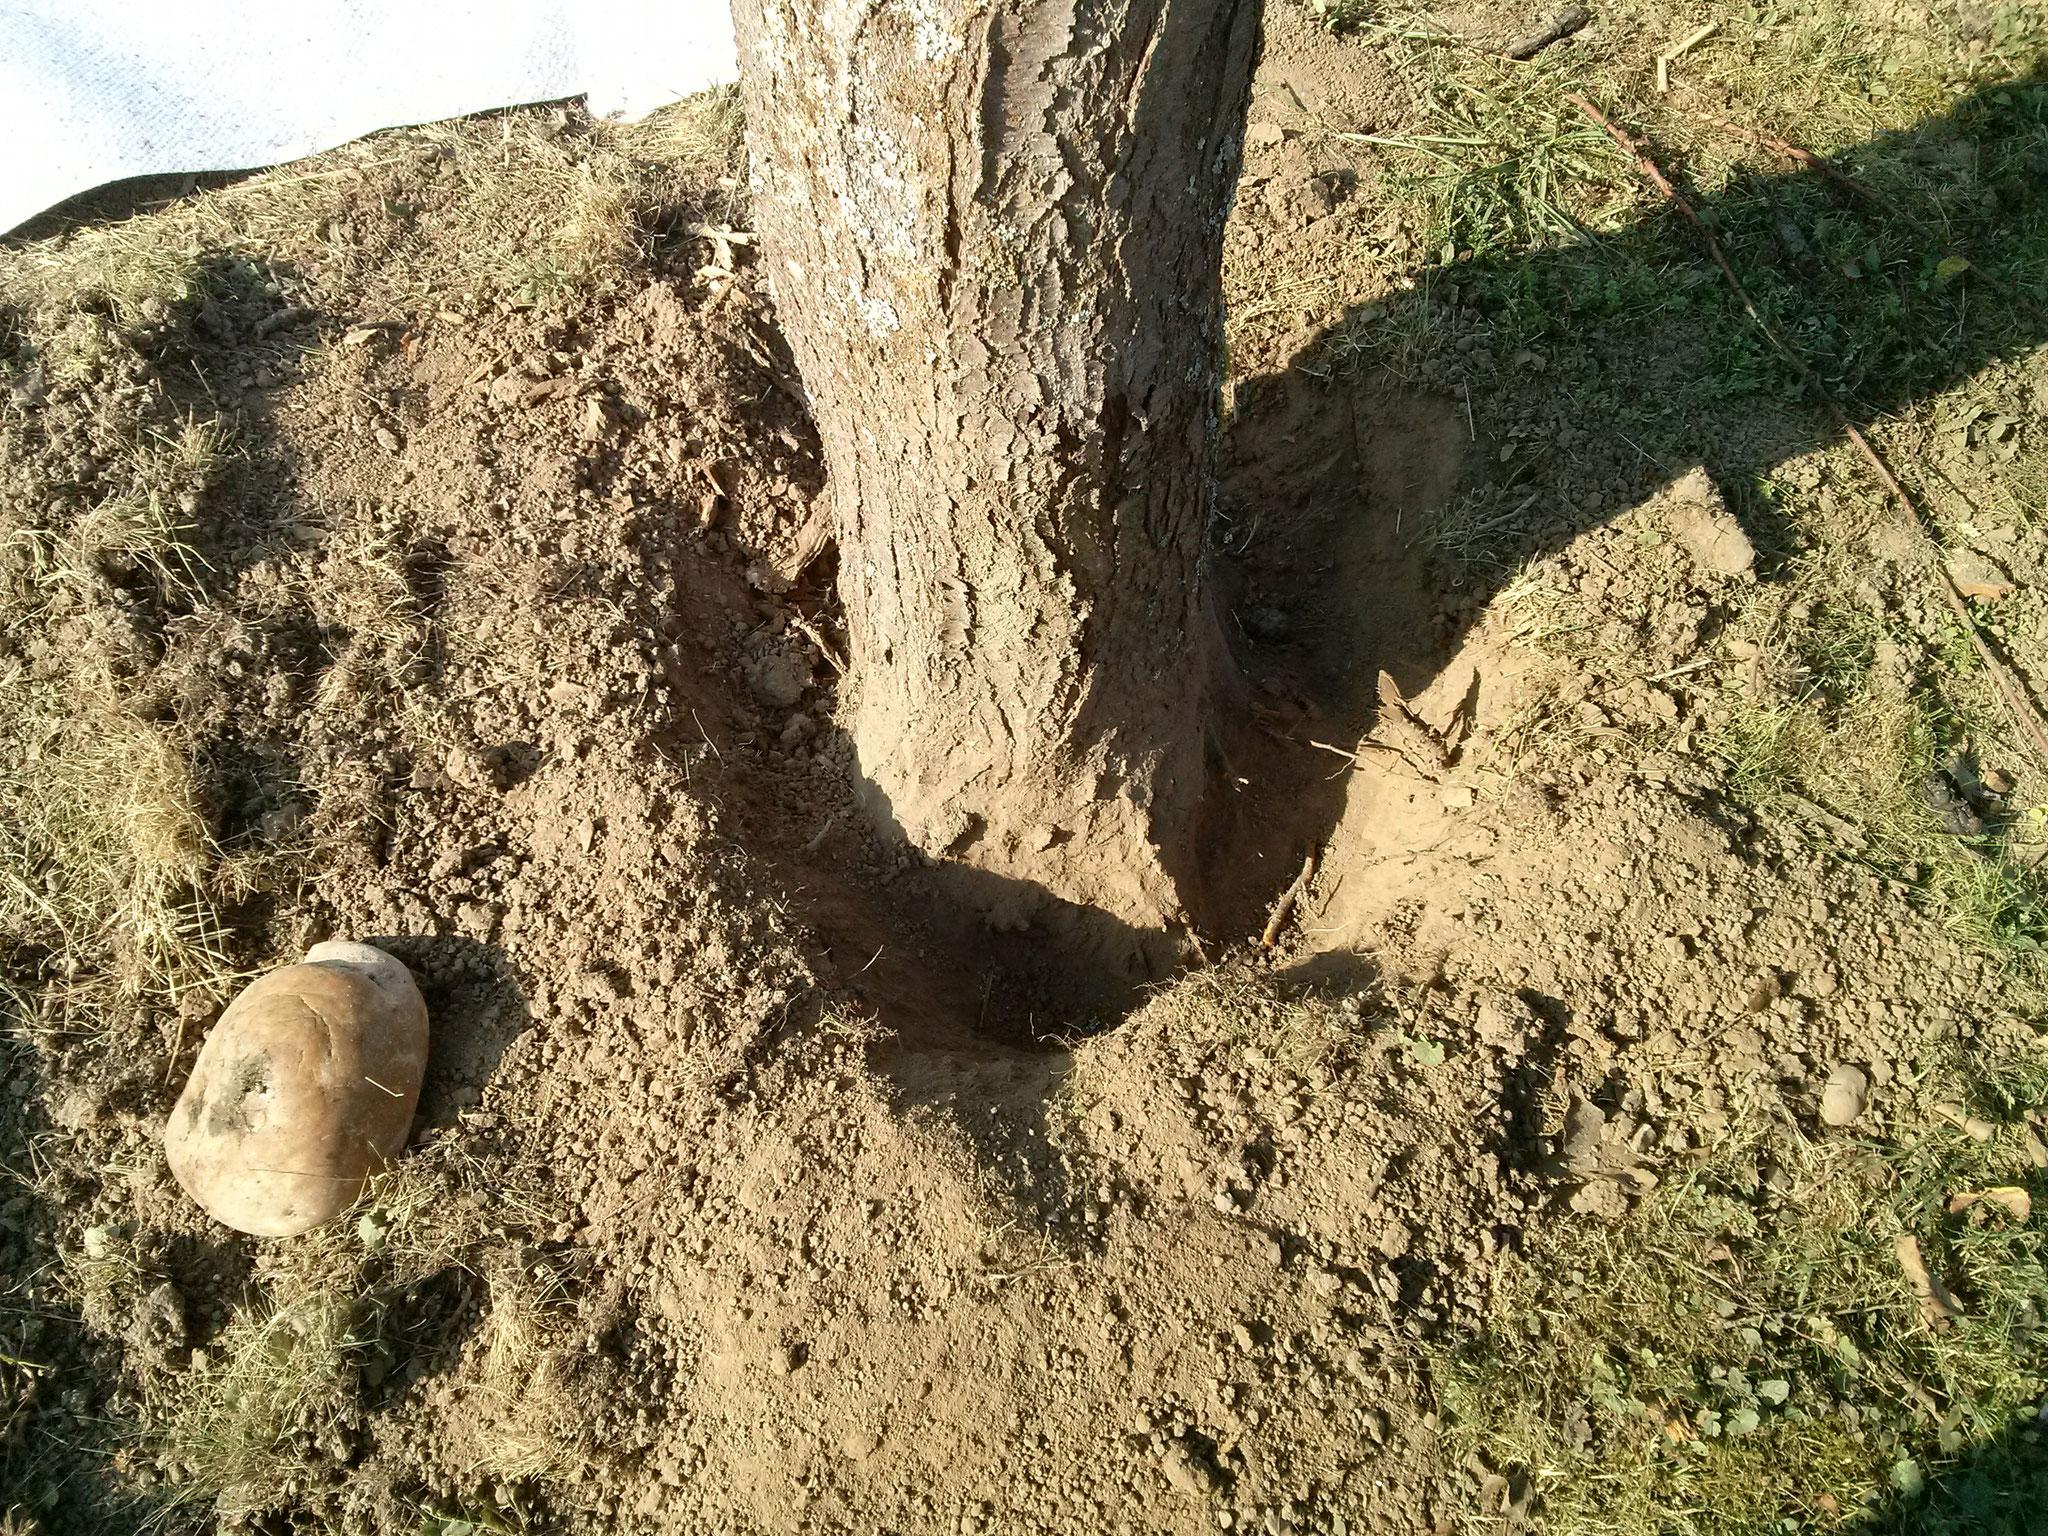 """Ach ja, der alte Baum stört, der hat mit seinen Wurzeln die alte Folie """"zerstört"""", passiert jetzt nicht mehr."""